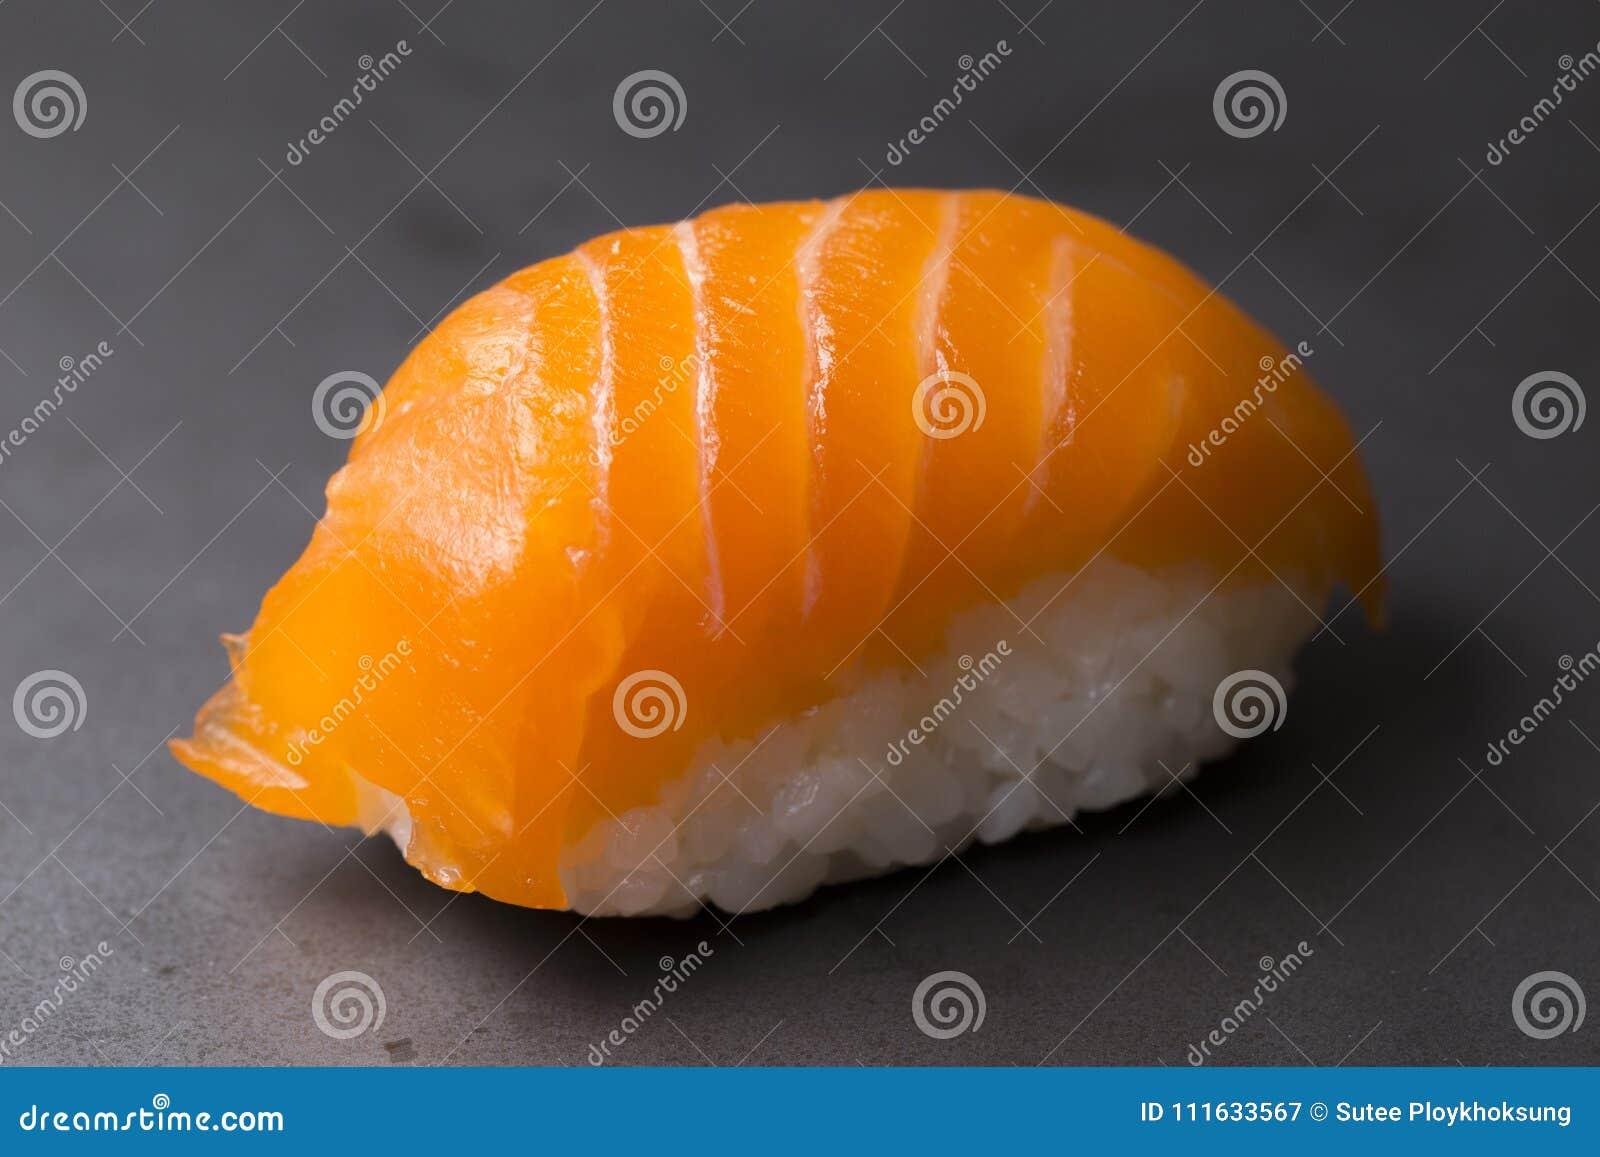 Elementy zaprojektowane menu restauracji sushi łososia bardzo przydatne